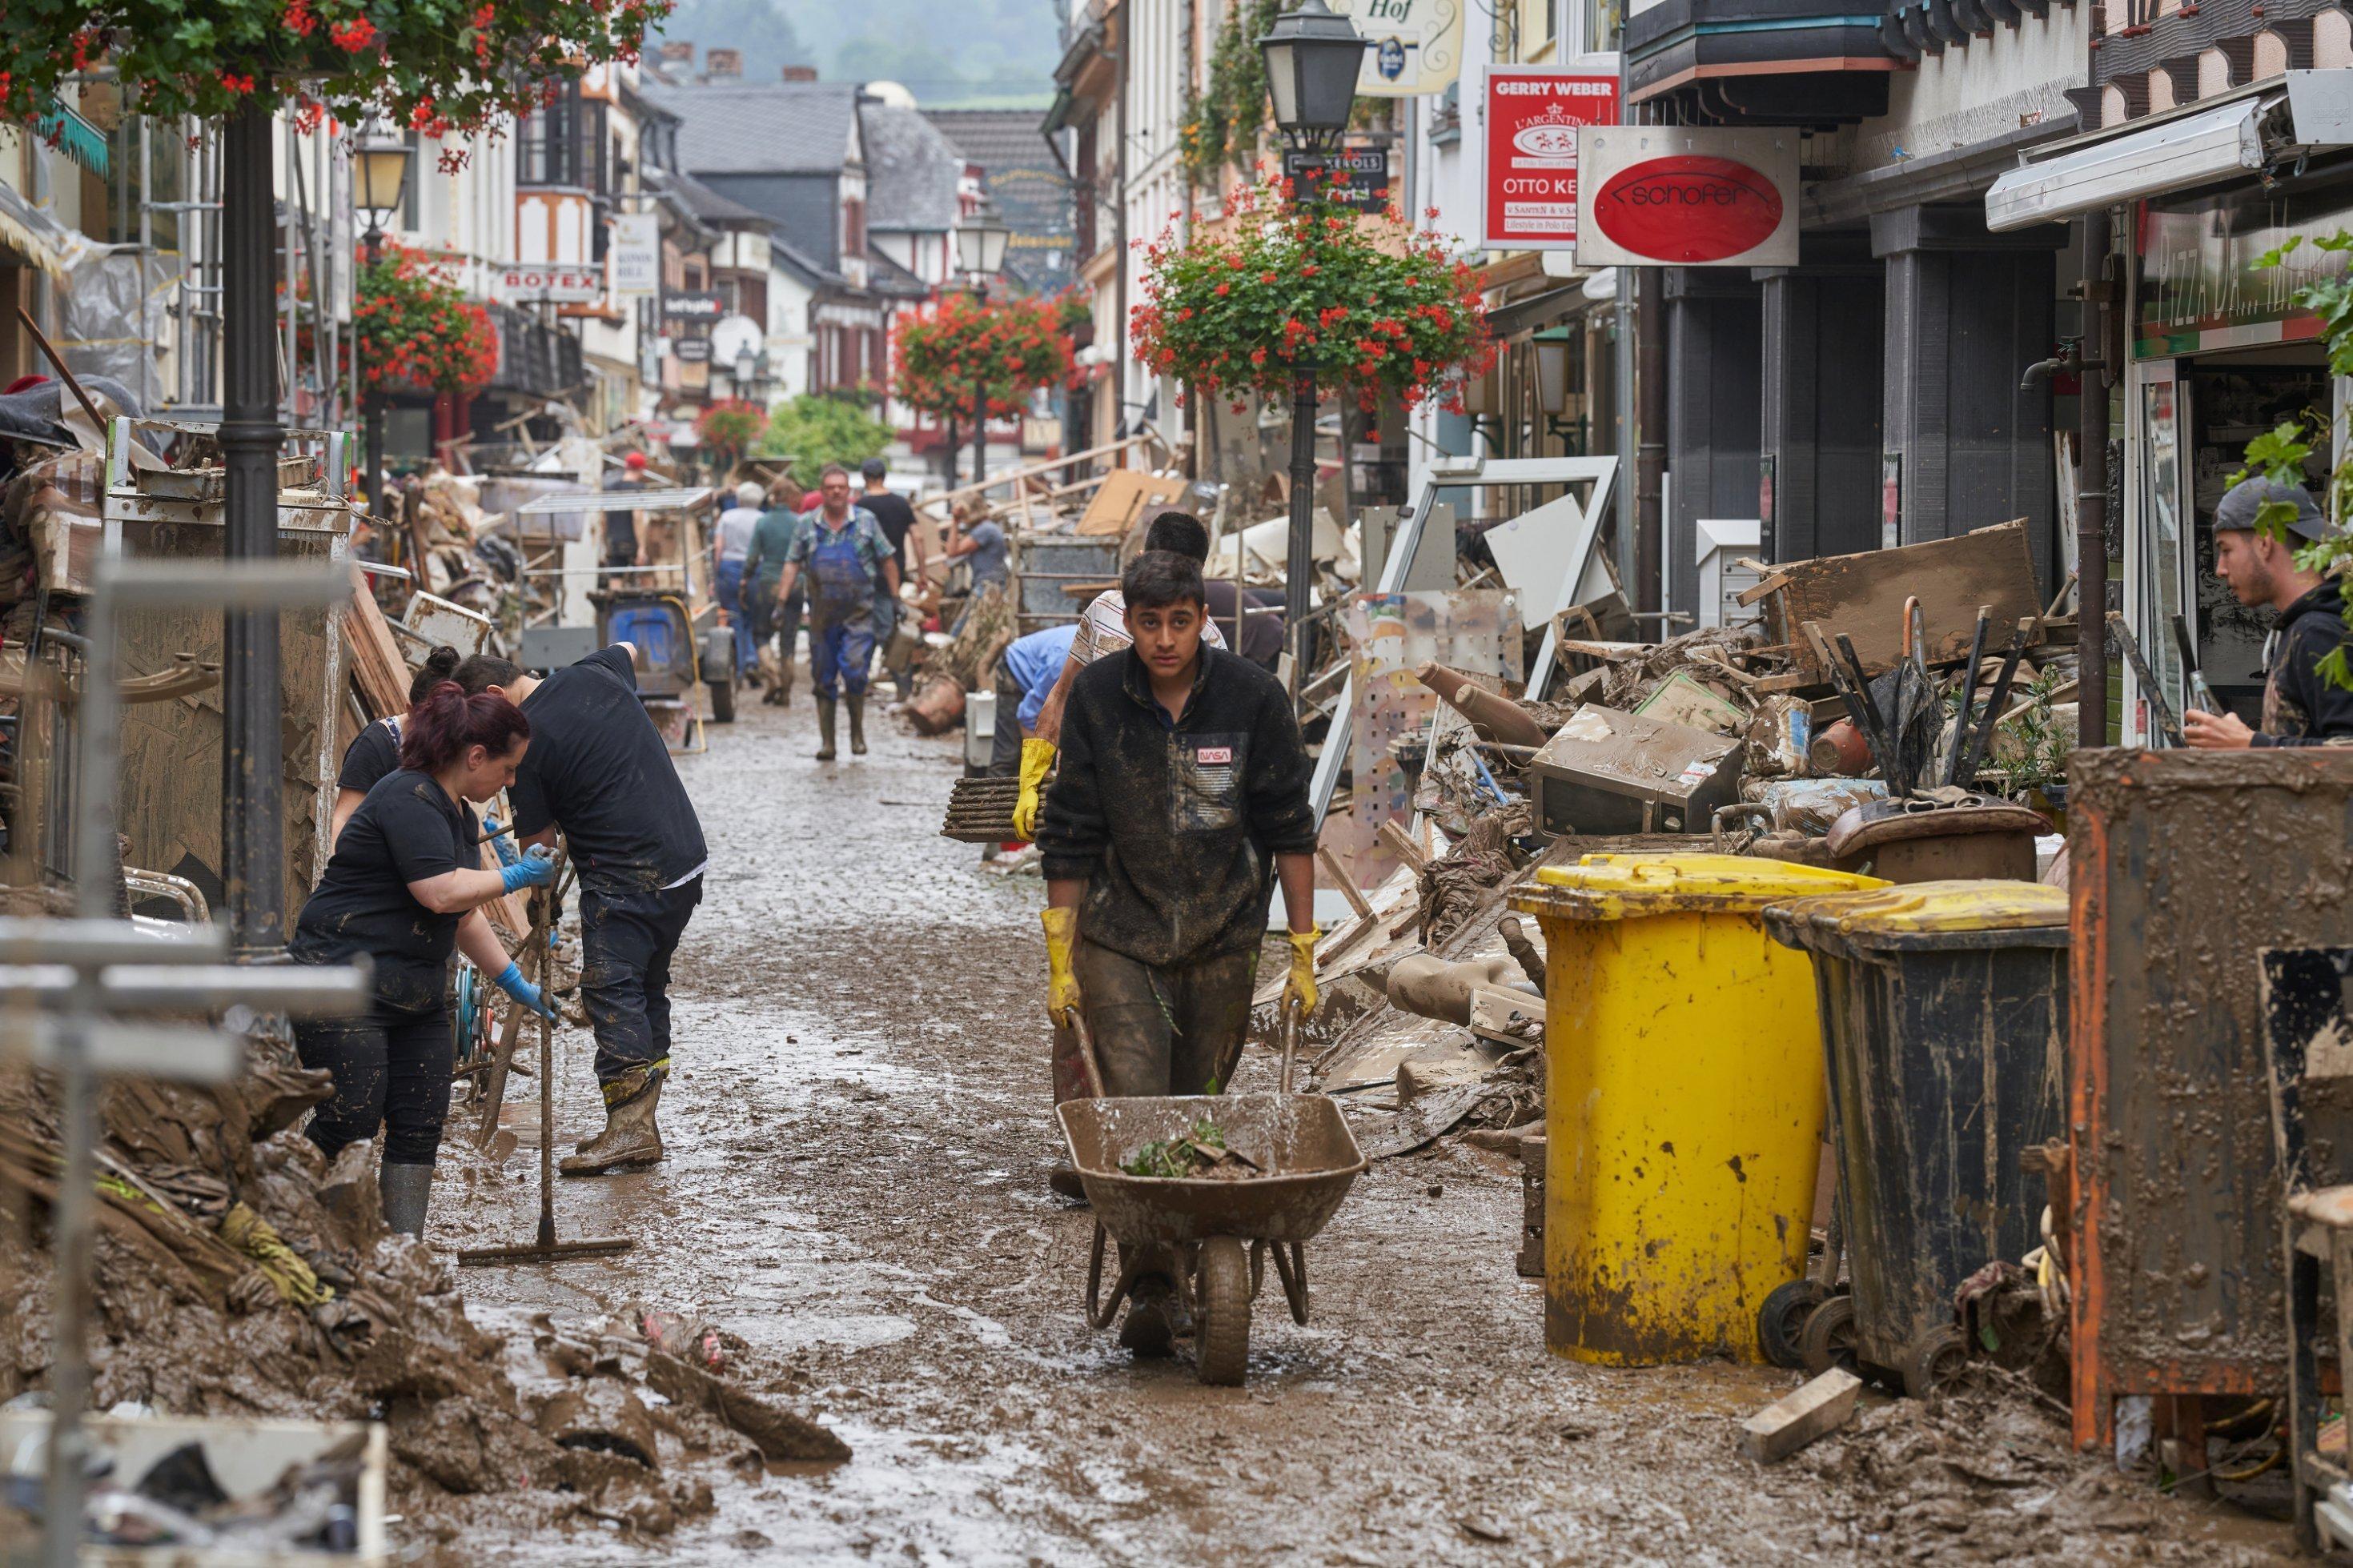 Ein junger Mann schiebt eine Schubkarre durch durch Fußgängerzone, die komplett mit Schutt und Abfall gefüllt ist, im Hintergrund weitere Menschen bei Aufräumarbeiten.